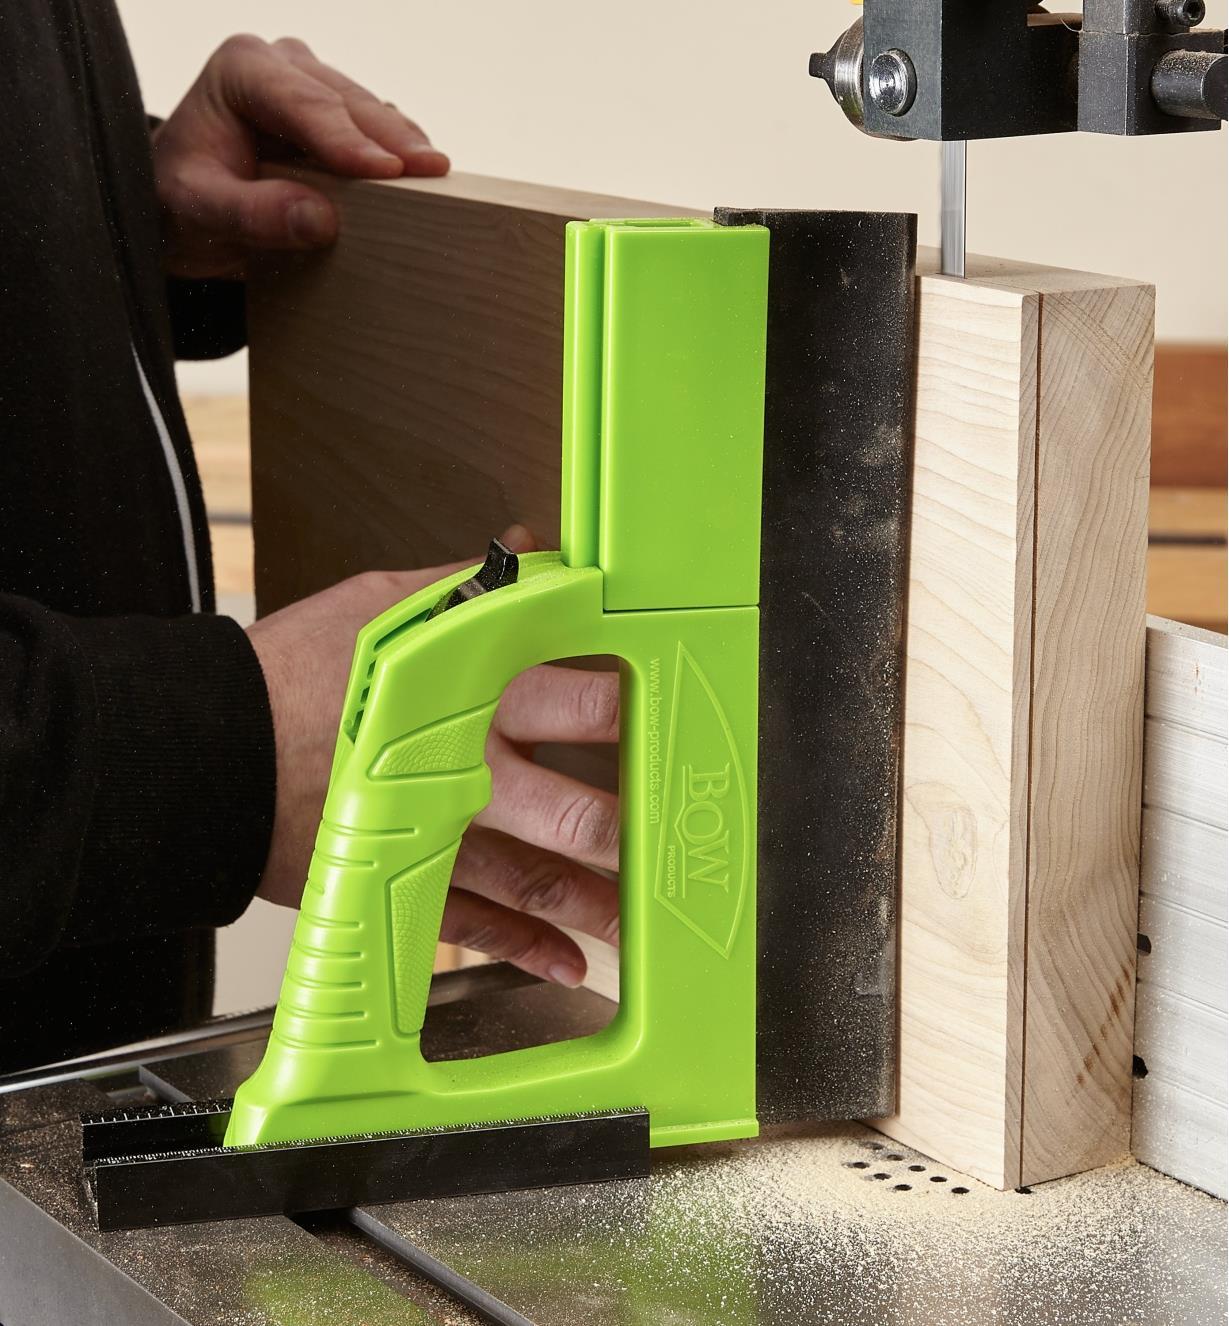 Presseur pour scie à ruban GuidePRO avec rallonge mise en place pour refendre en épaisseur une très large pièce